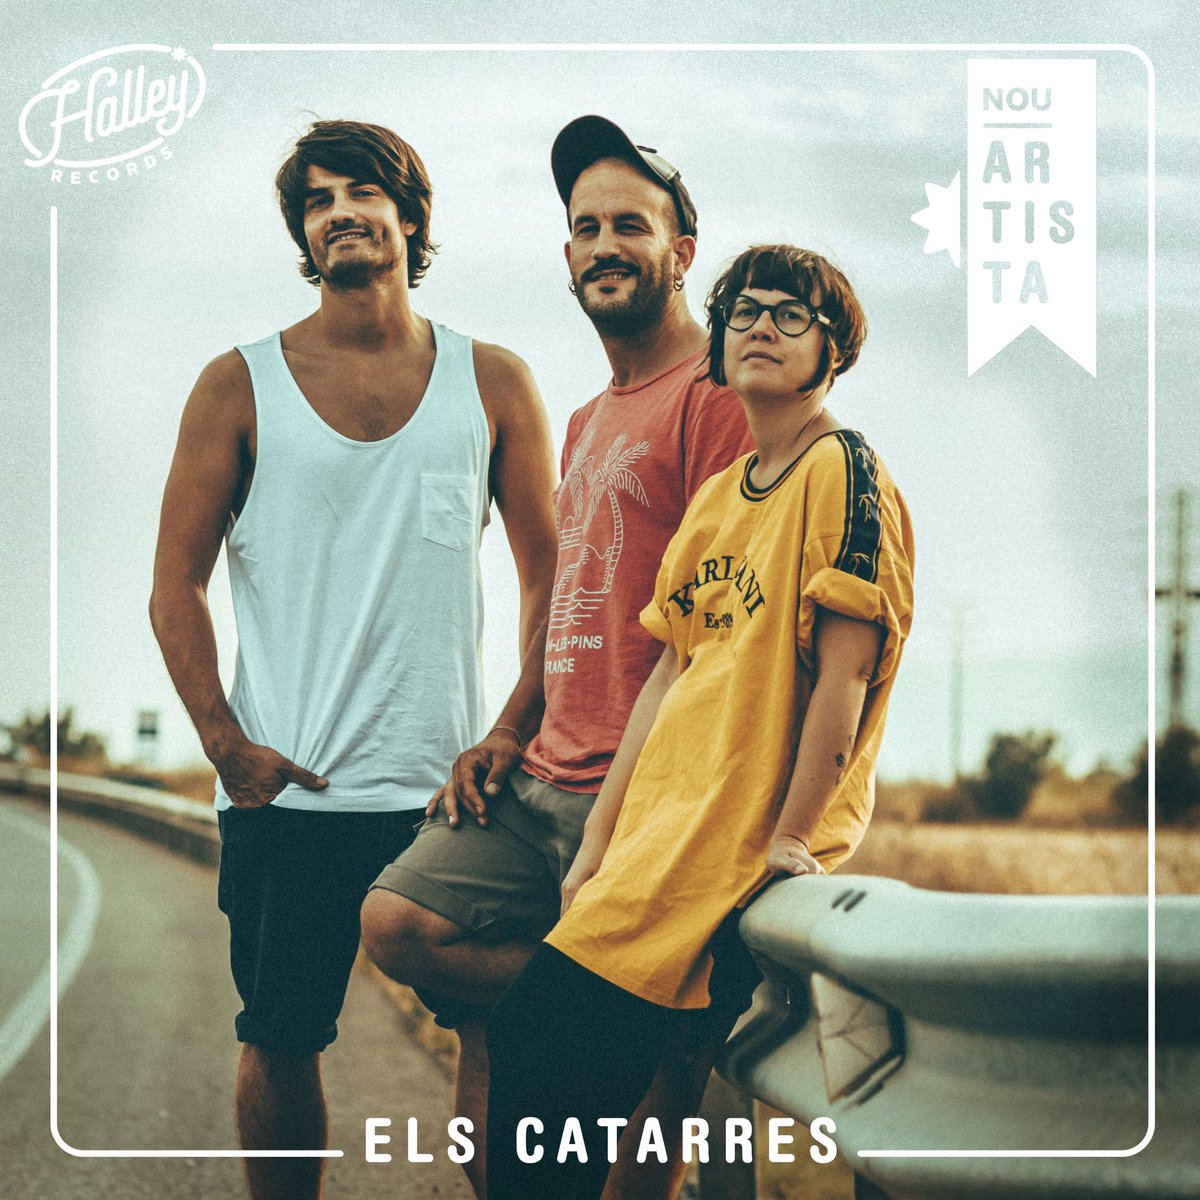 ⭐️Ens fa una il•lusió enorme donar la benvinguda a la família Halley Records als nostres estimats i adorats @elscatarres !  A partir d'ara, començarem a caminar plegats amb la banda responsable del ressorgiment de la música catalana actual. Quin orgull!